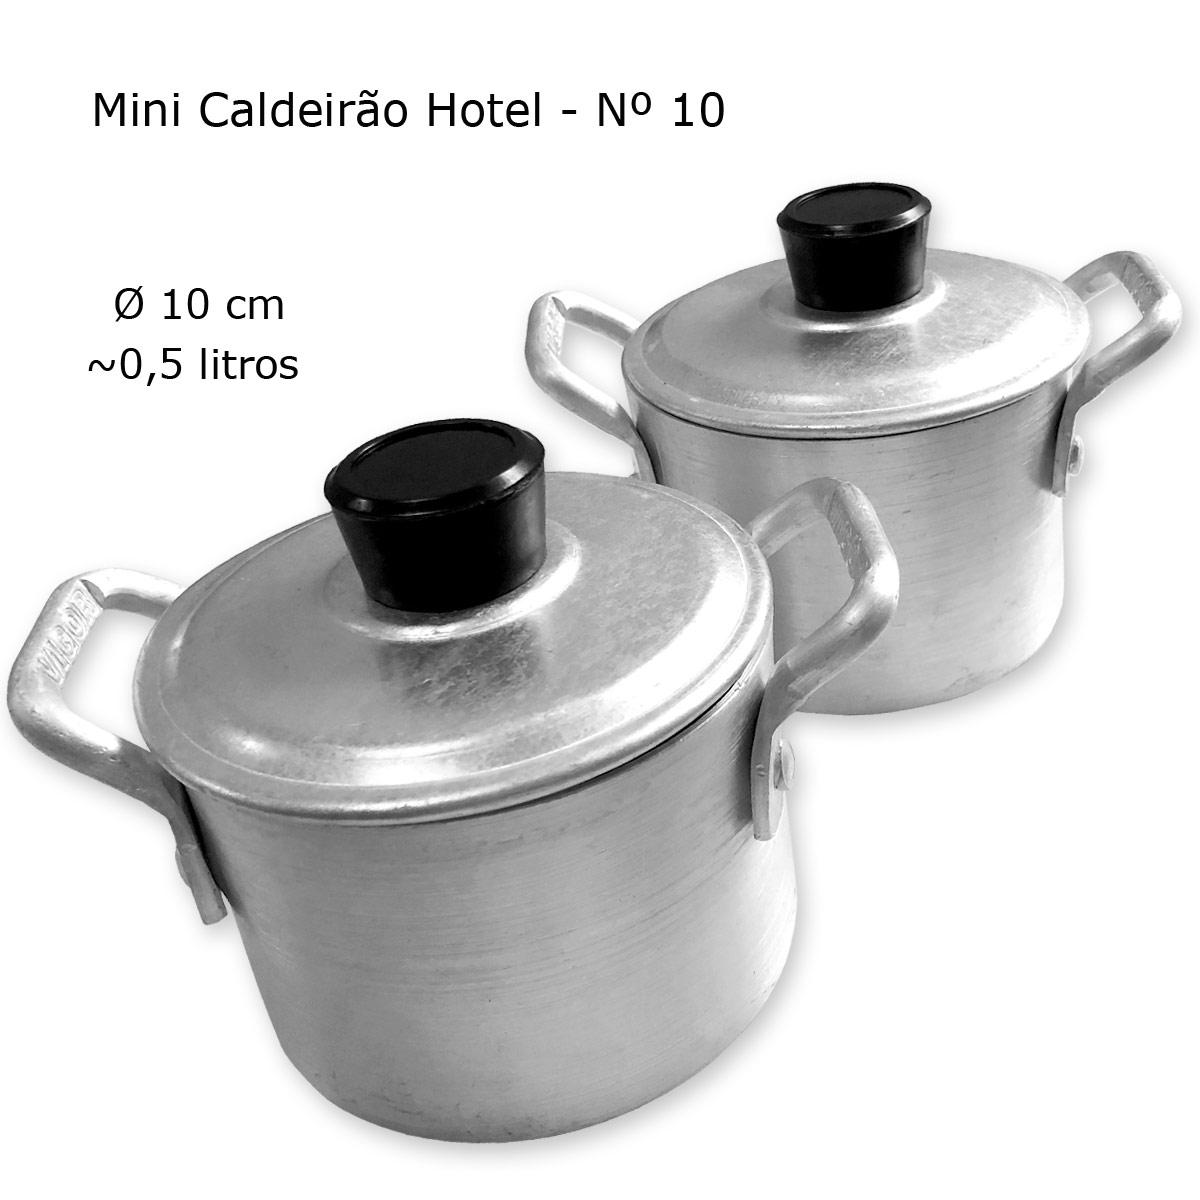 Conjunto / Jogo com 2 Mini Caldeirão para Feijoada e outros Pratos Nº 10 - Vigor